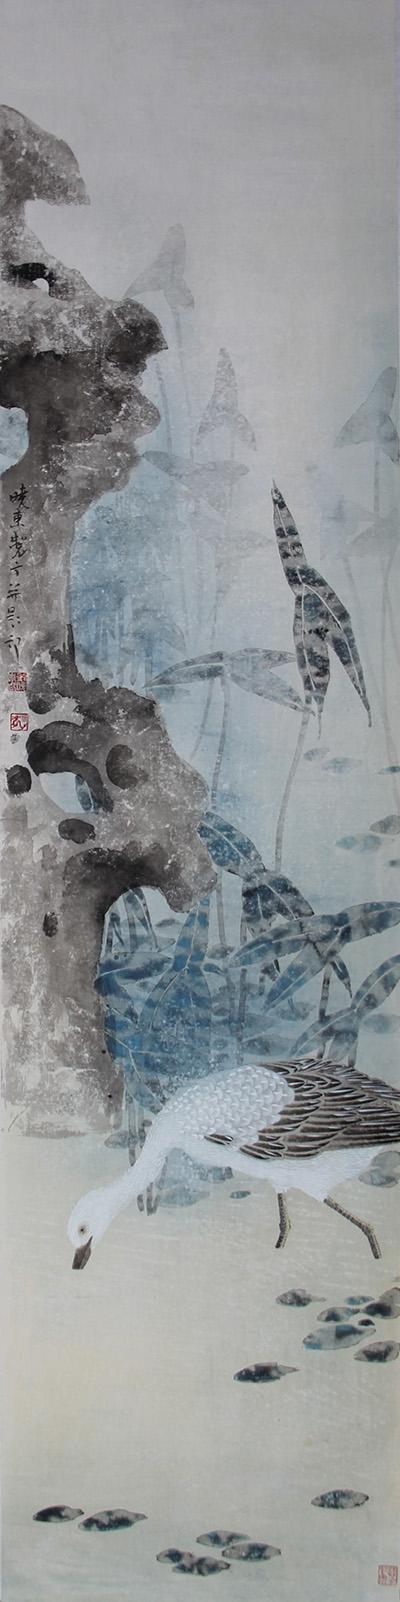 刘晓东作品之一 (4)